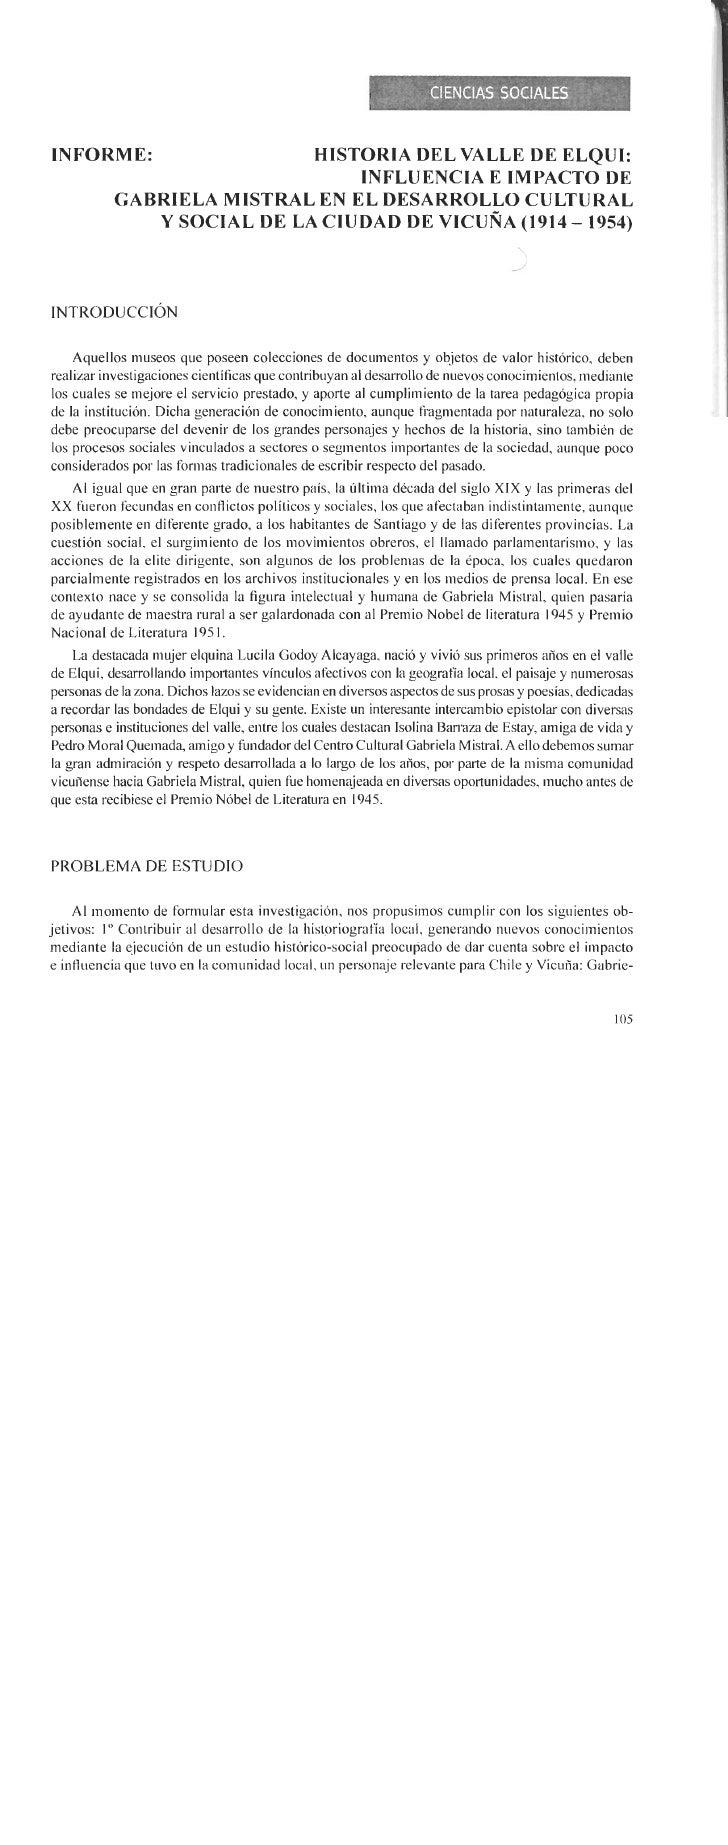 Influencia e impacto de Gabriela Mistral en el desarrollo cultural y social de la ciudad de Vicuña